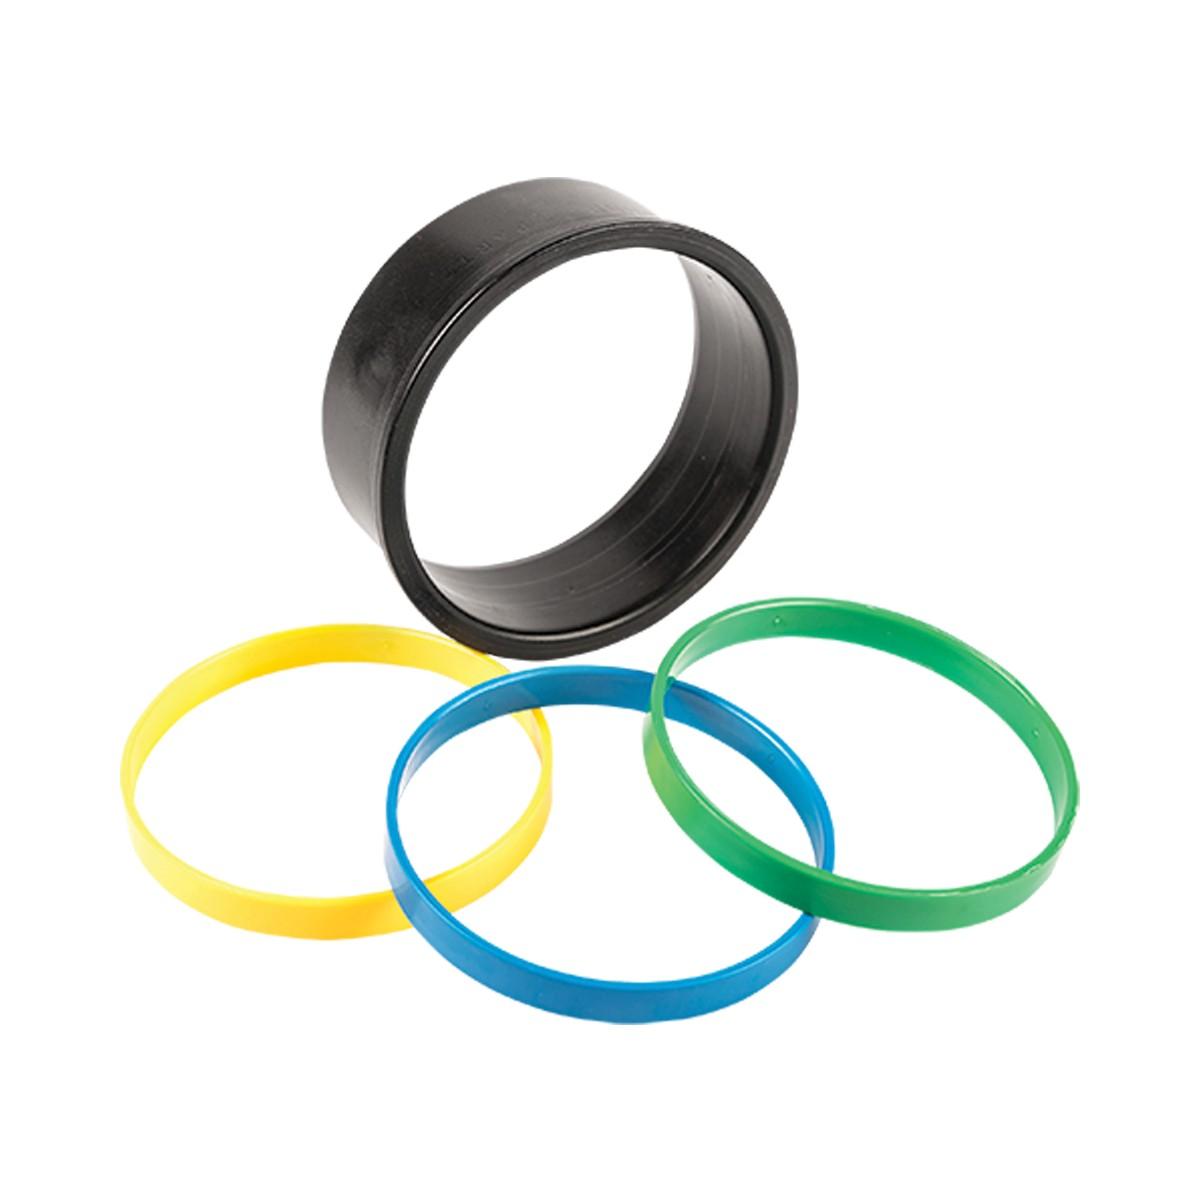 Aqua Lung Quick Clamp Wrist Rings